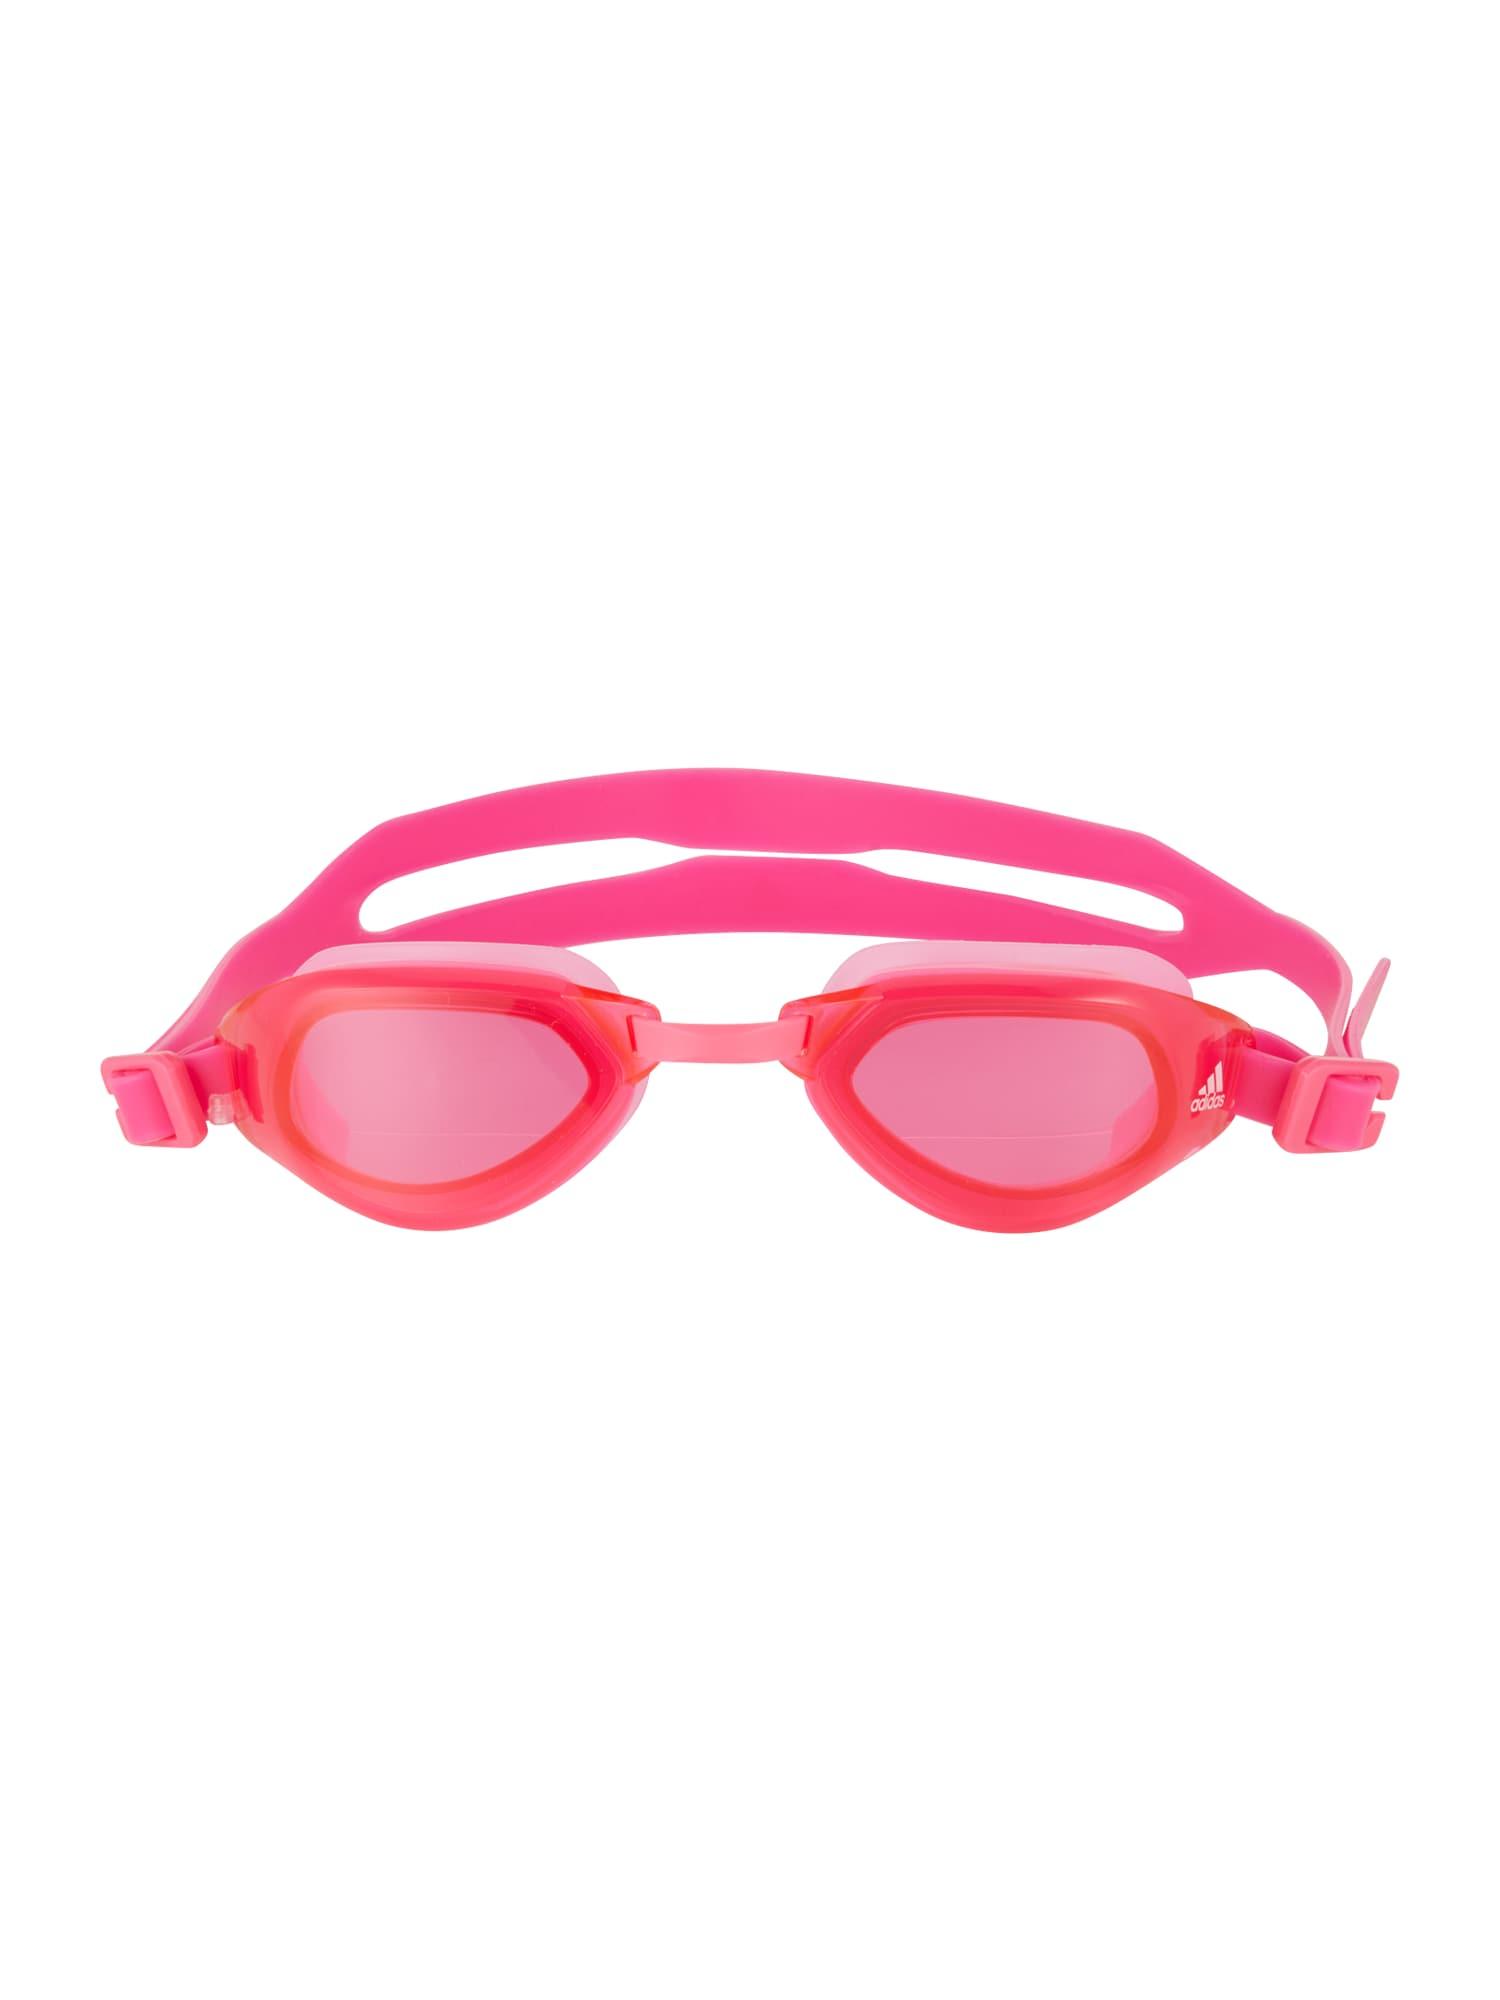 ADIDAS PERFORMANCE Sportiniai akiniai 'PERSISTAR' rožinė